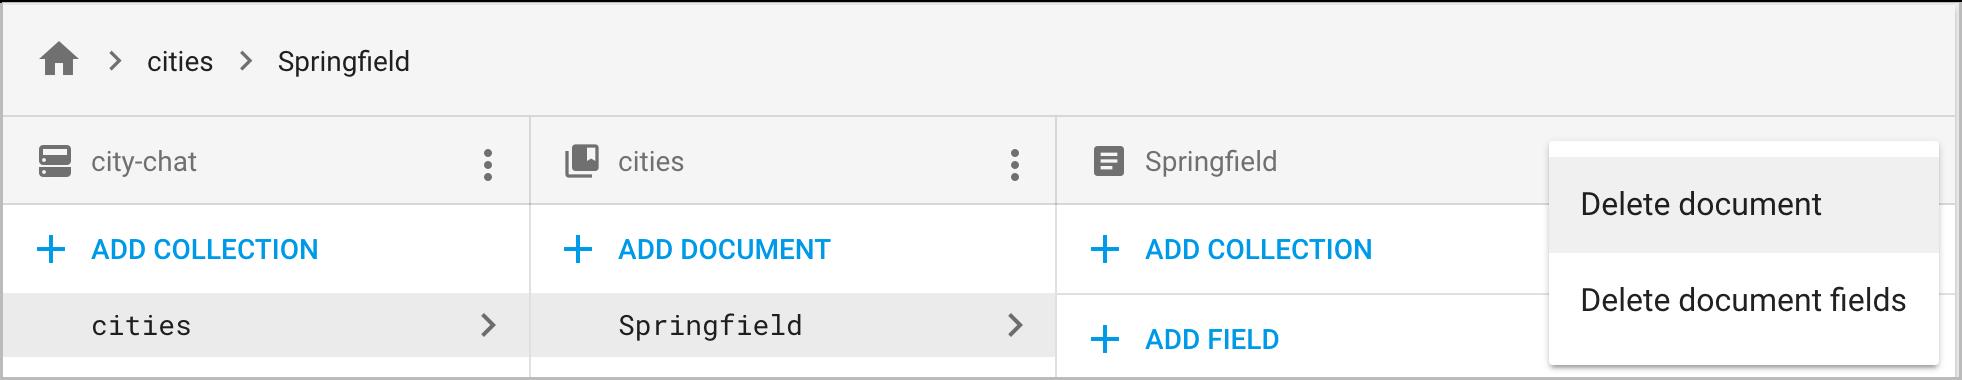 انقر فوق حذف المستند أو حذف حقول المستند من قائمة السياق في عمود تفاصيل المستند